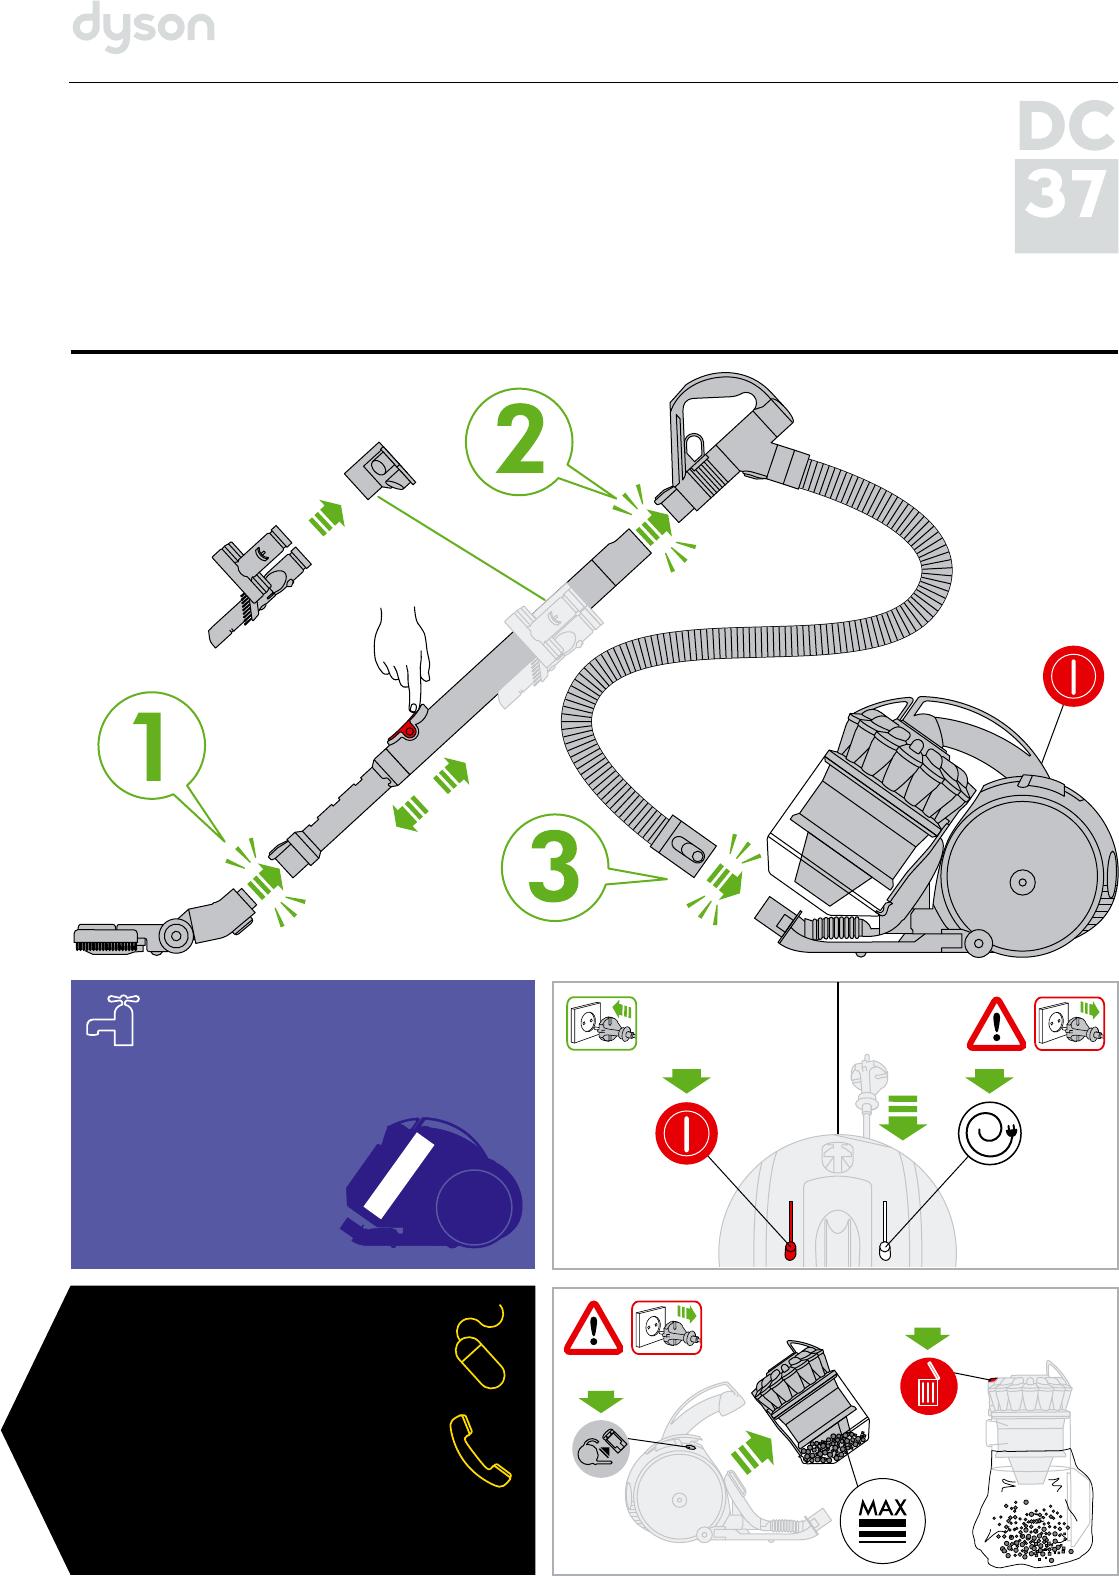 пылесос инструкция dyson